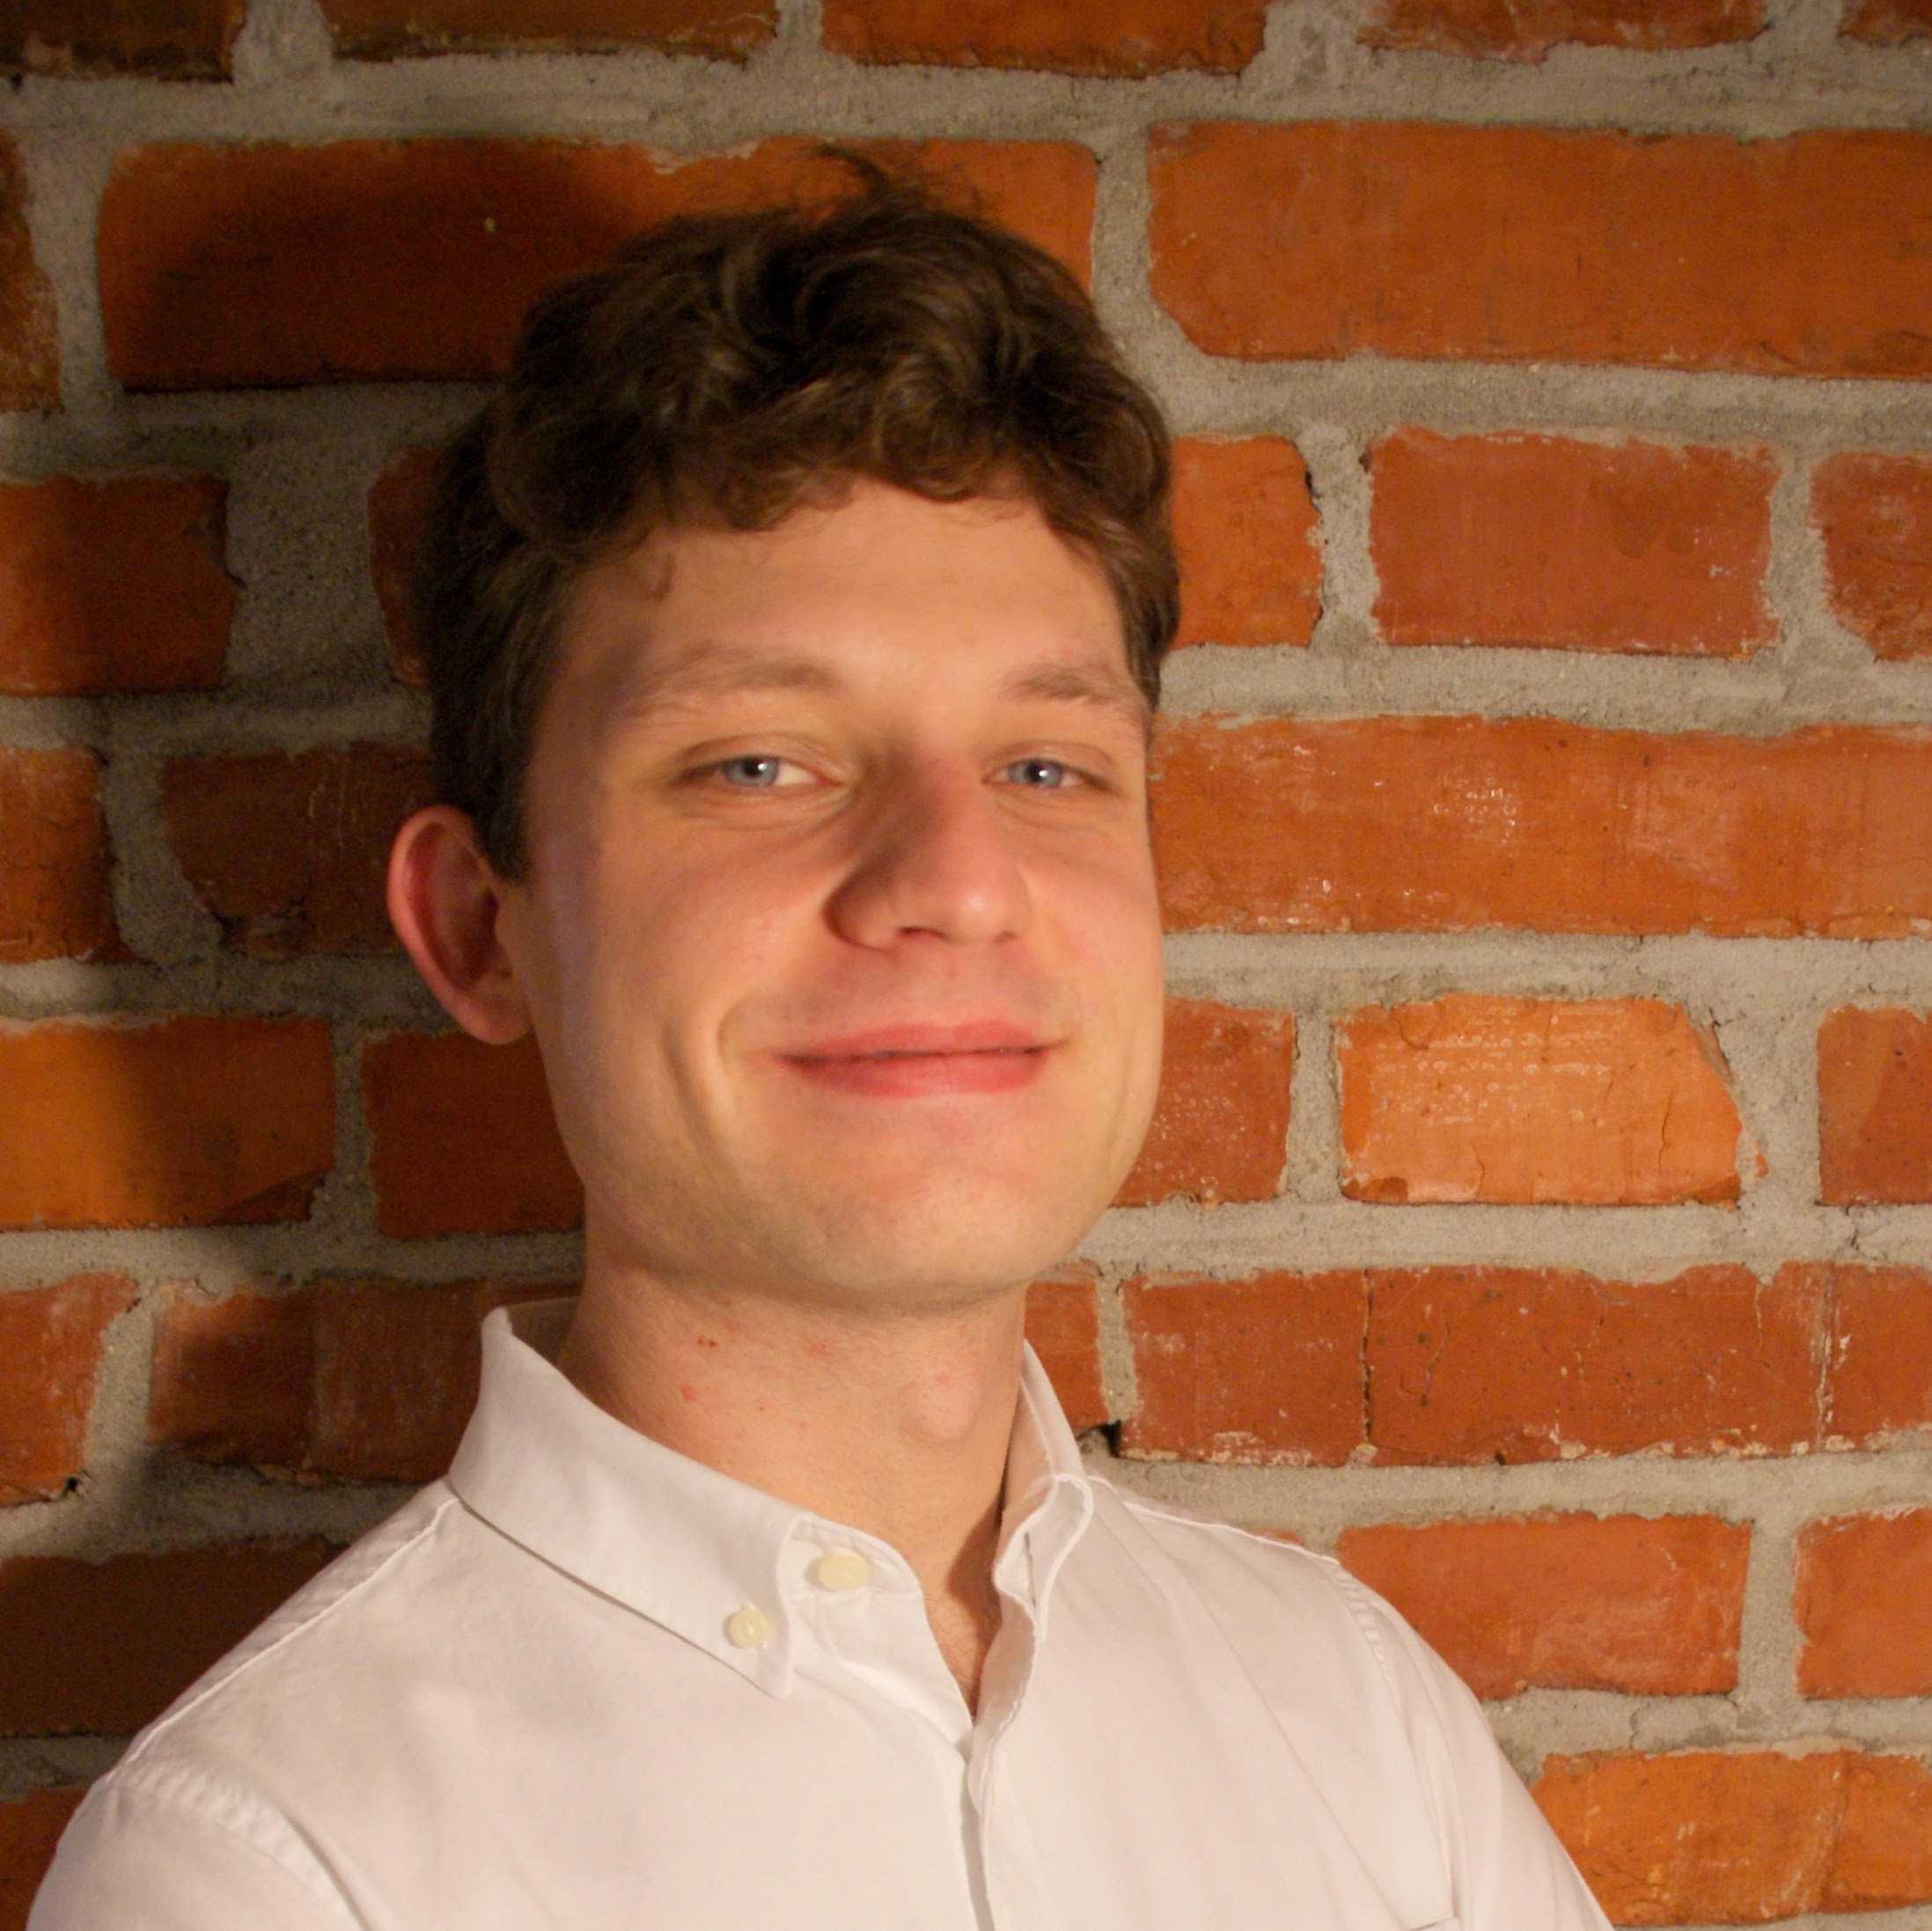 Rafał Leszko